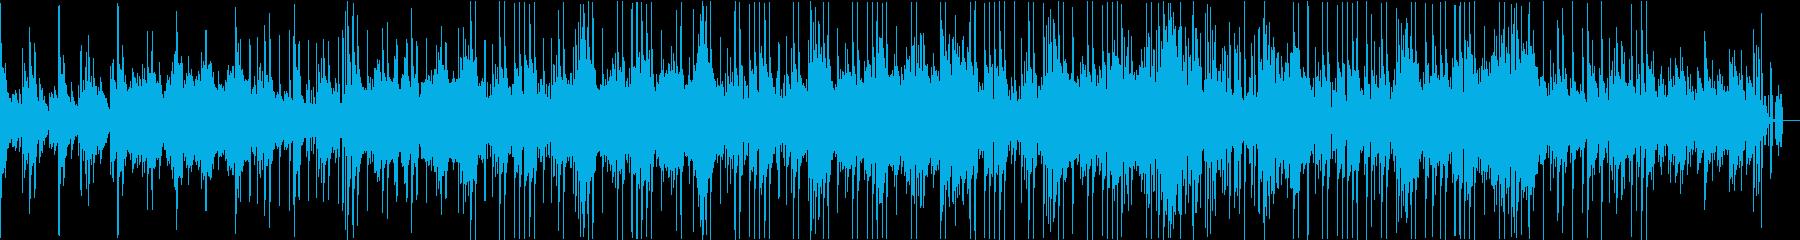 ピアノを基調としたアンビエントサウンドの再生済みの波形